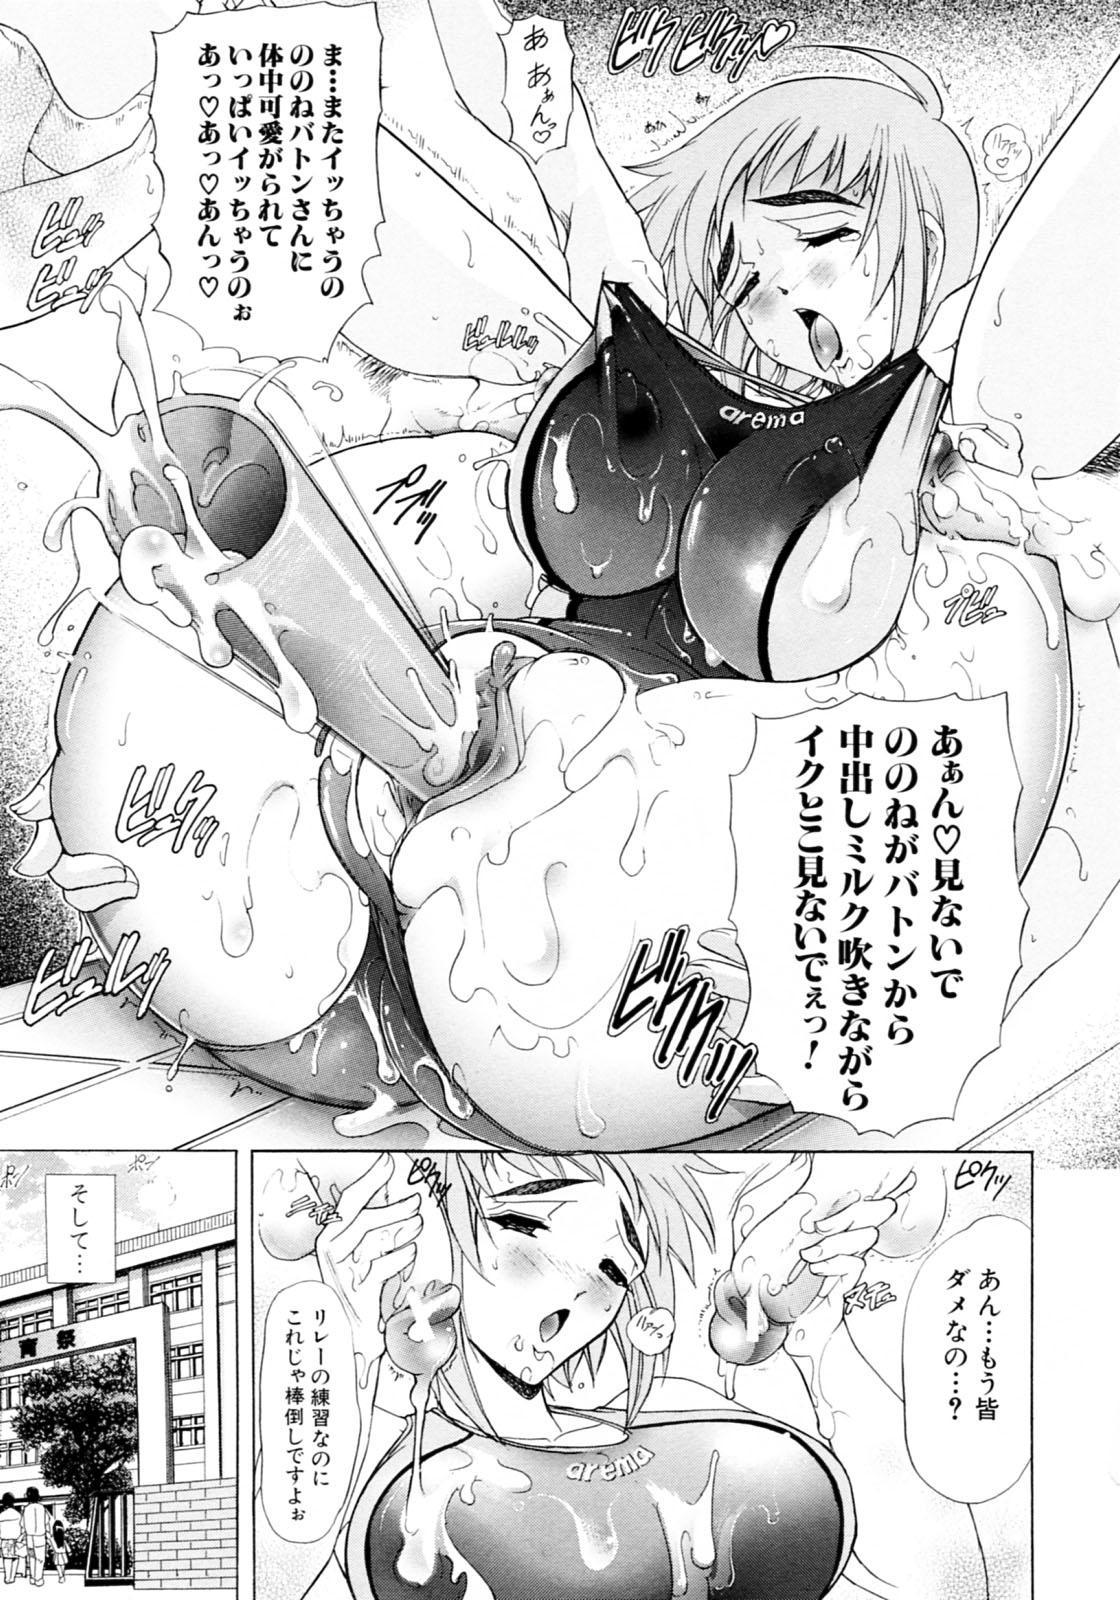 Kinsoku Shikou 130